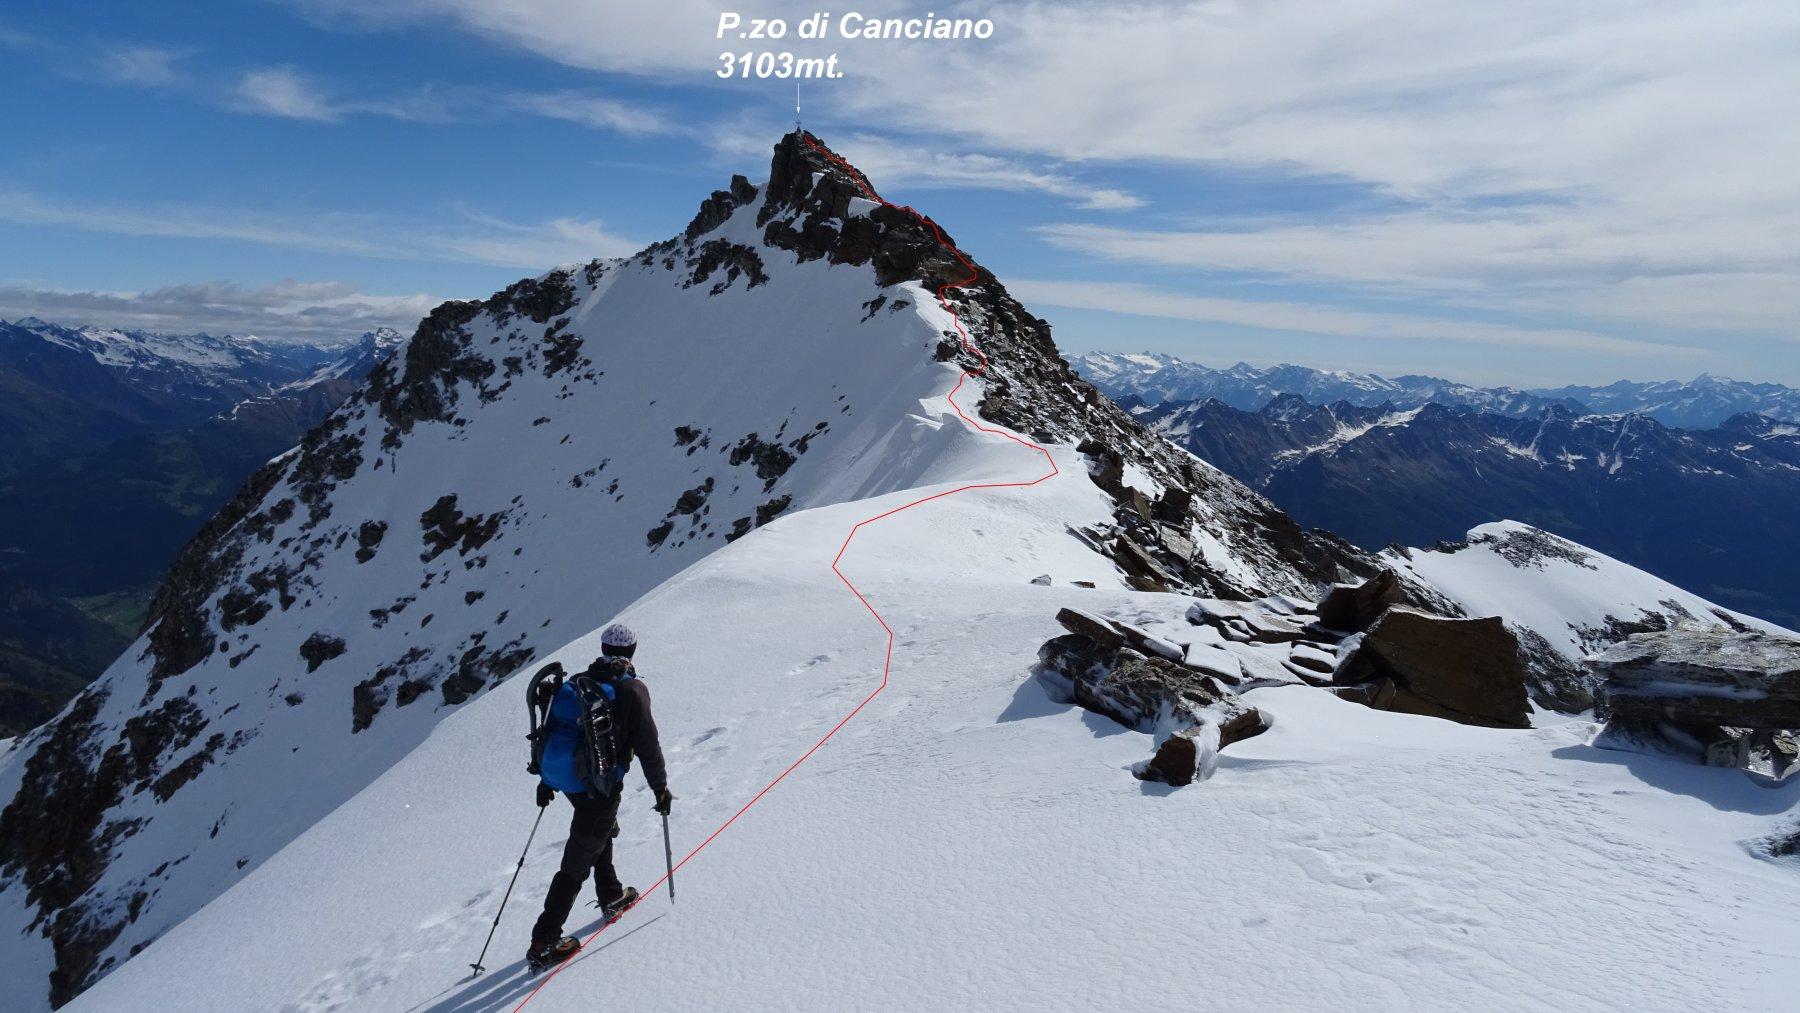 Ultimi metri per la facile cresta che sale al P.zo di Canciano.